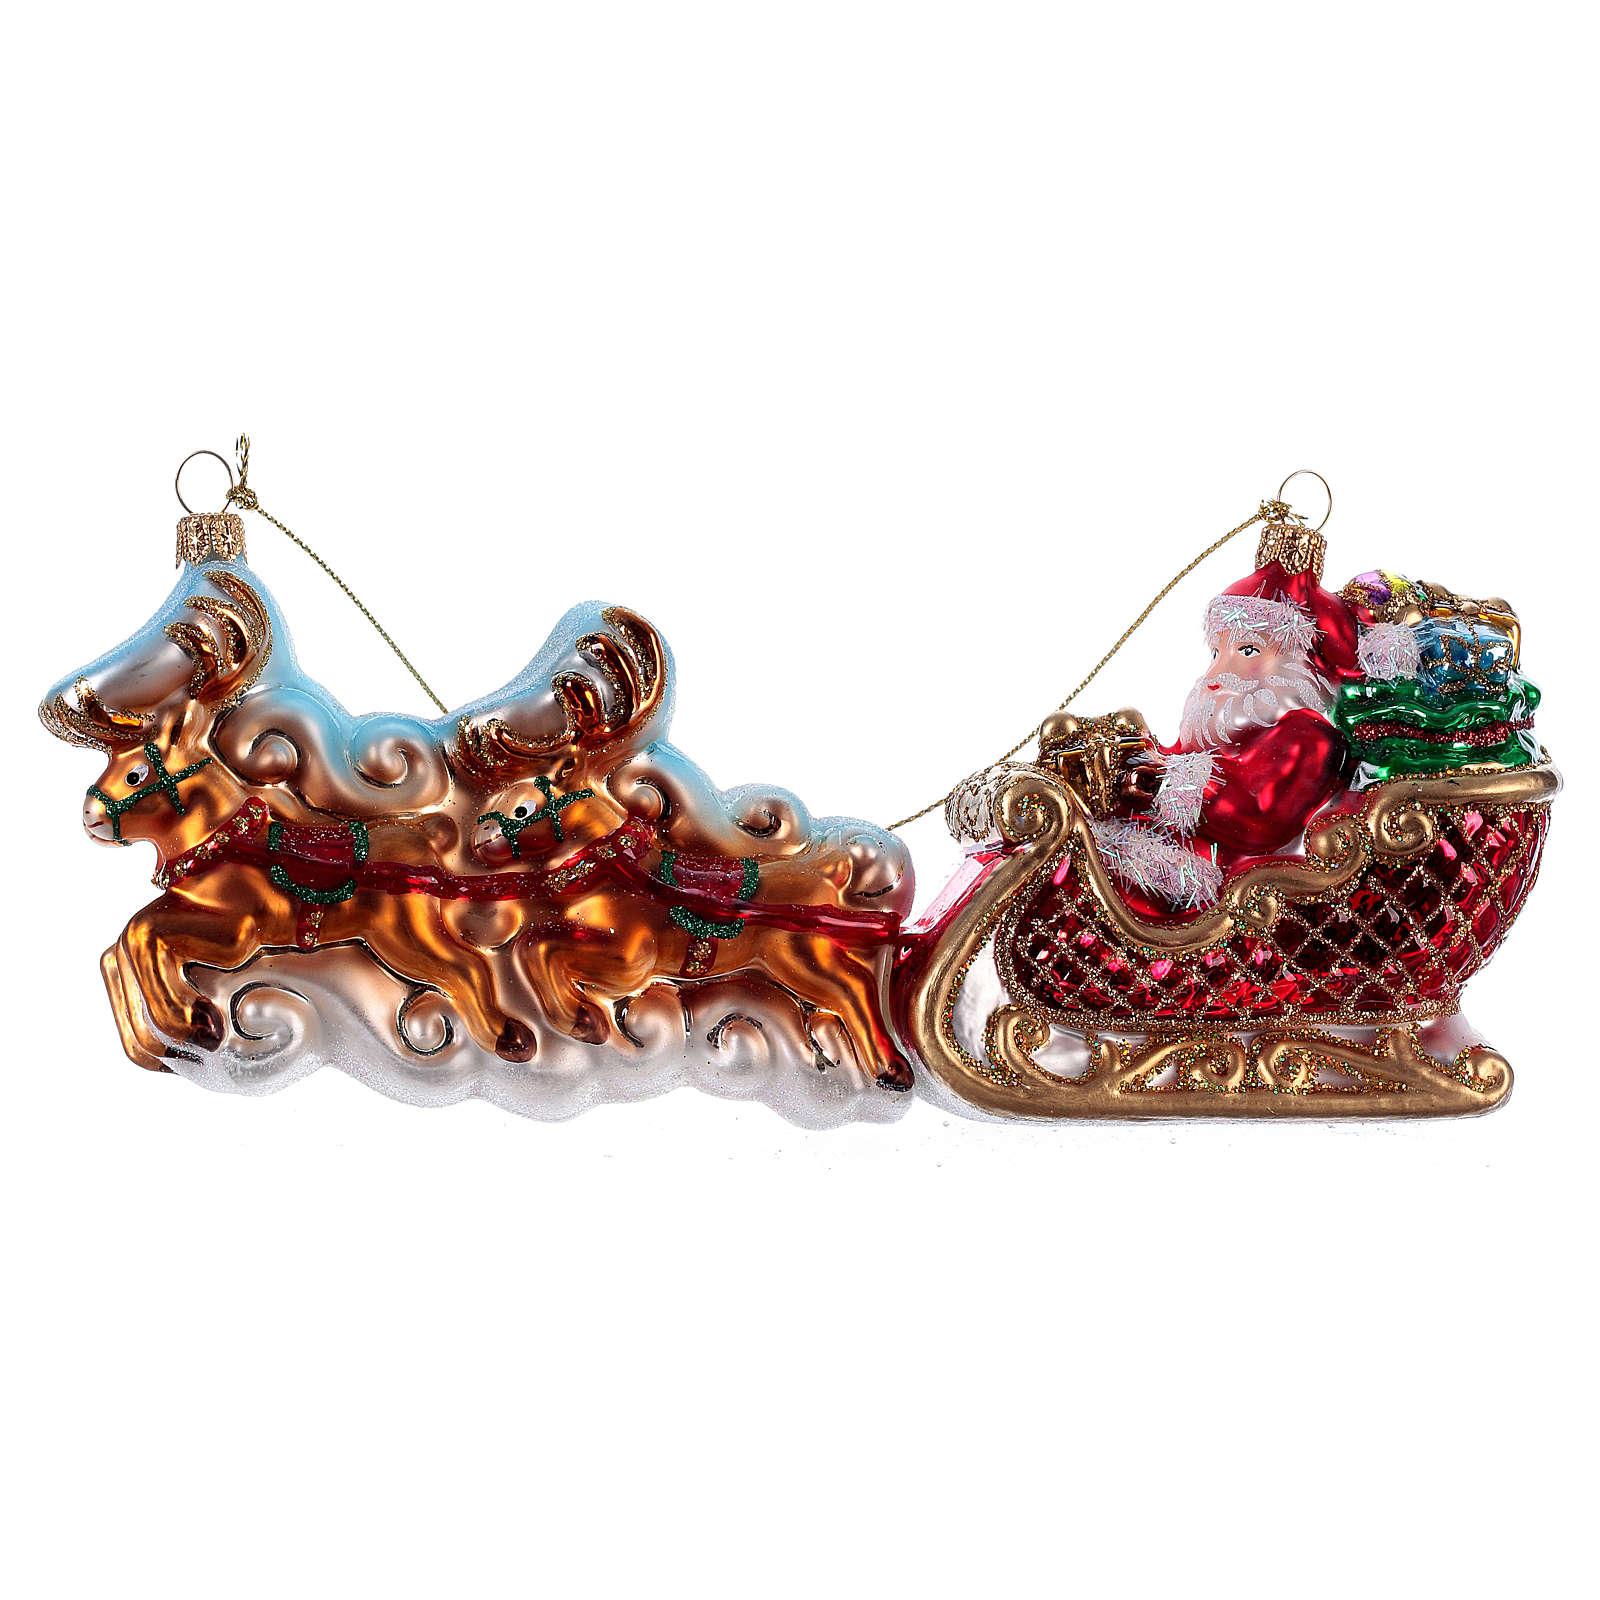 Père Noël avec rennes décoration Sapin Noël verre soufflé 4